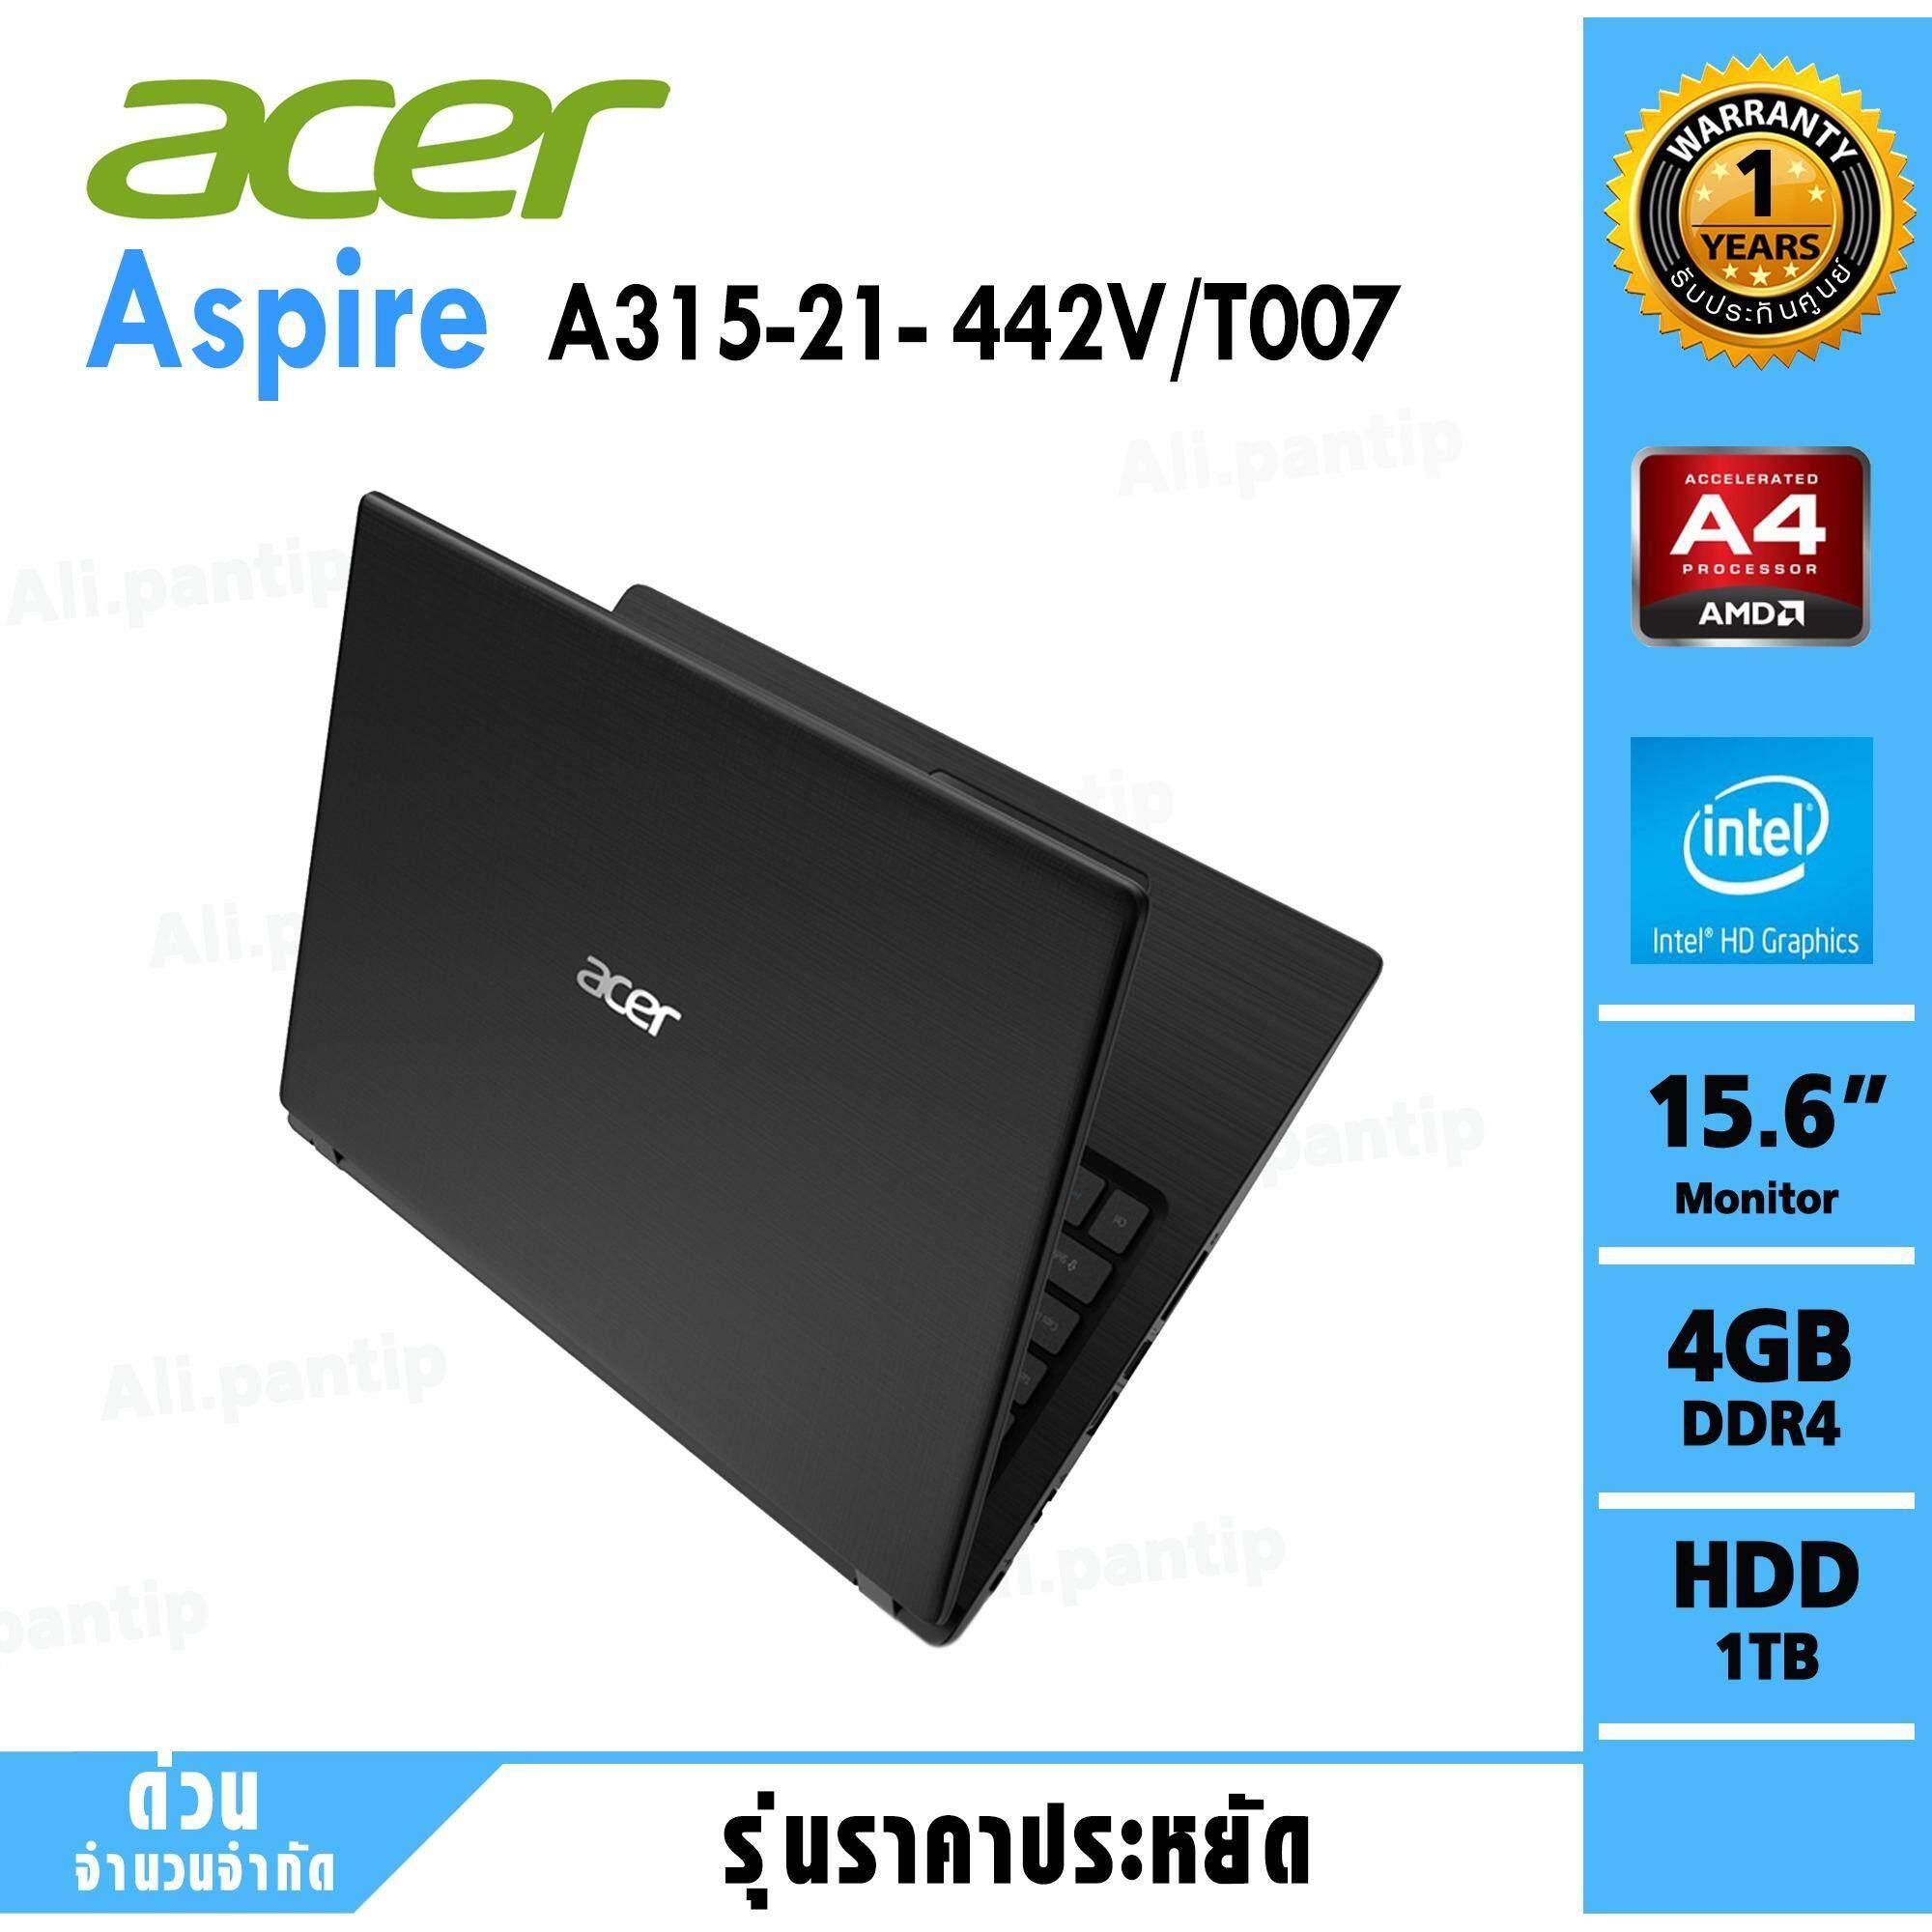 Notebook Acer Aspire A315-21-442V/T007 (Black)